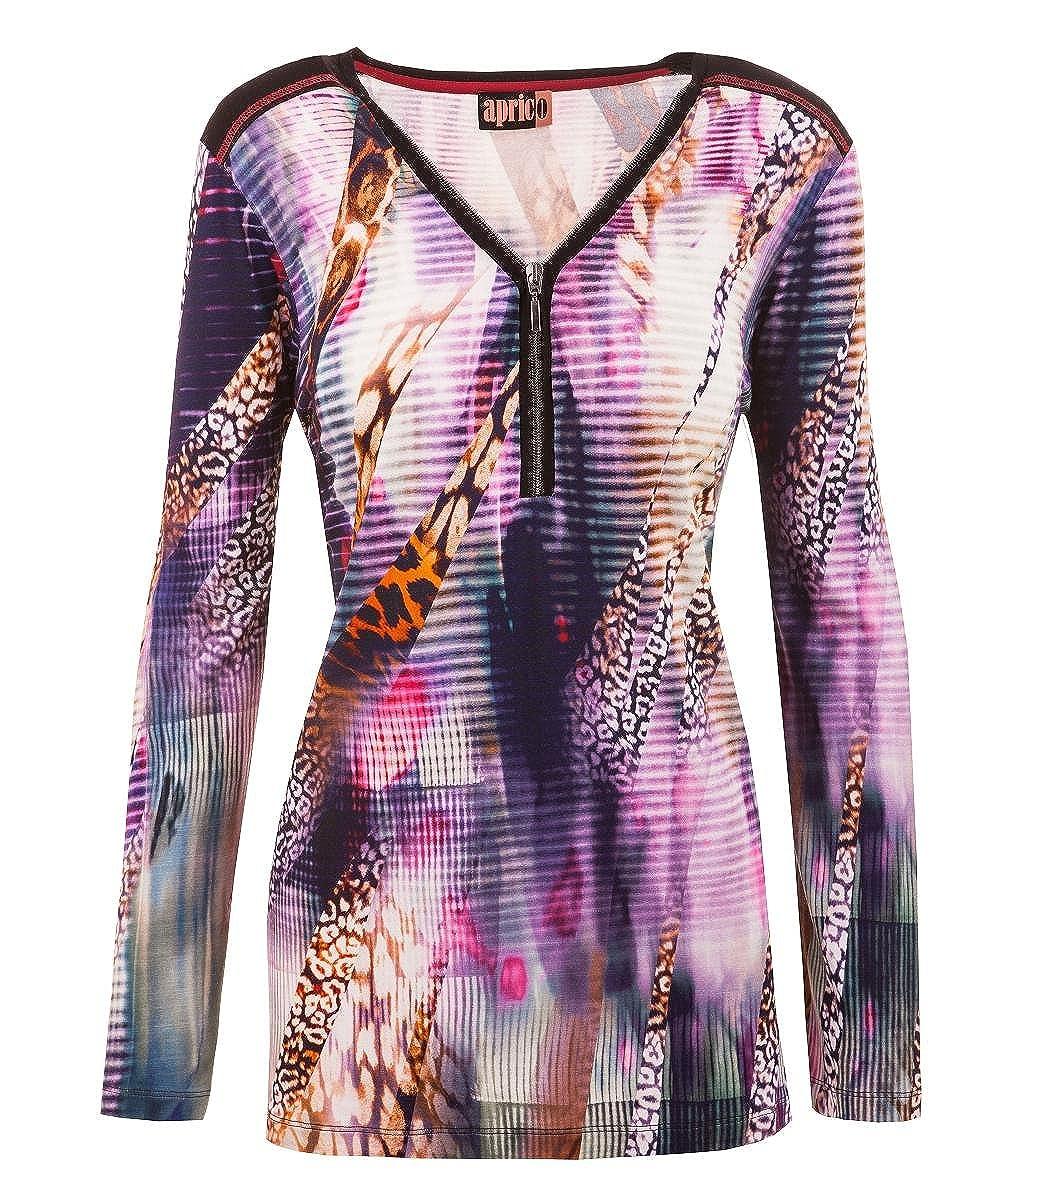 Baumwolle Aprico Damen Langarm Tunika Shirt mit Reißverschluss Bunt gestreift